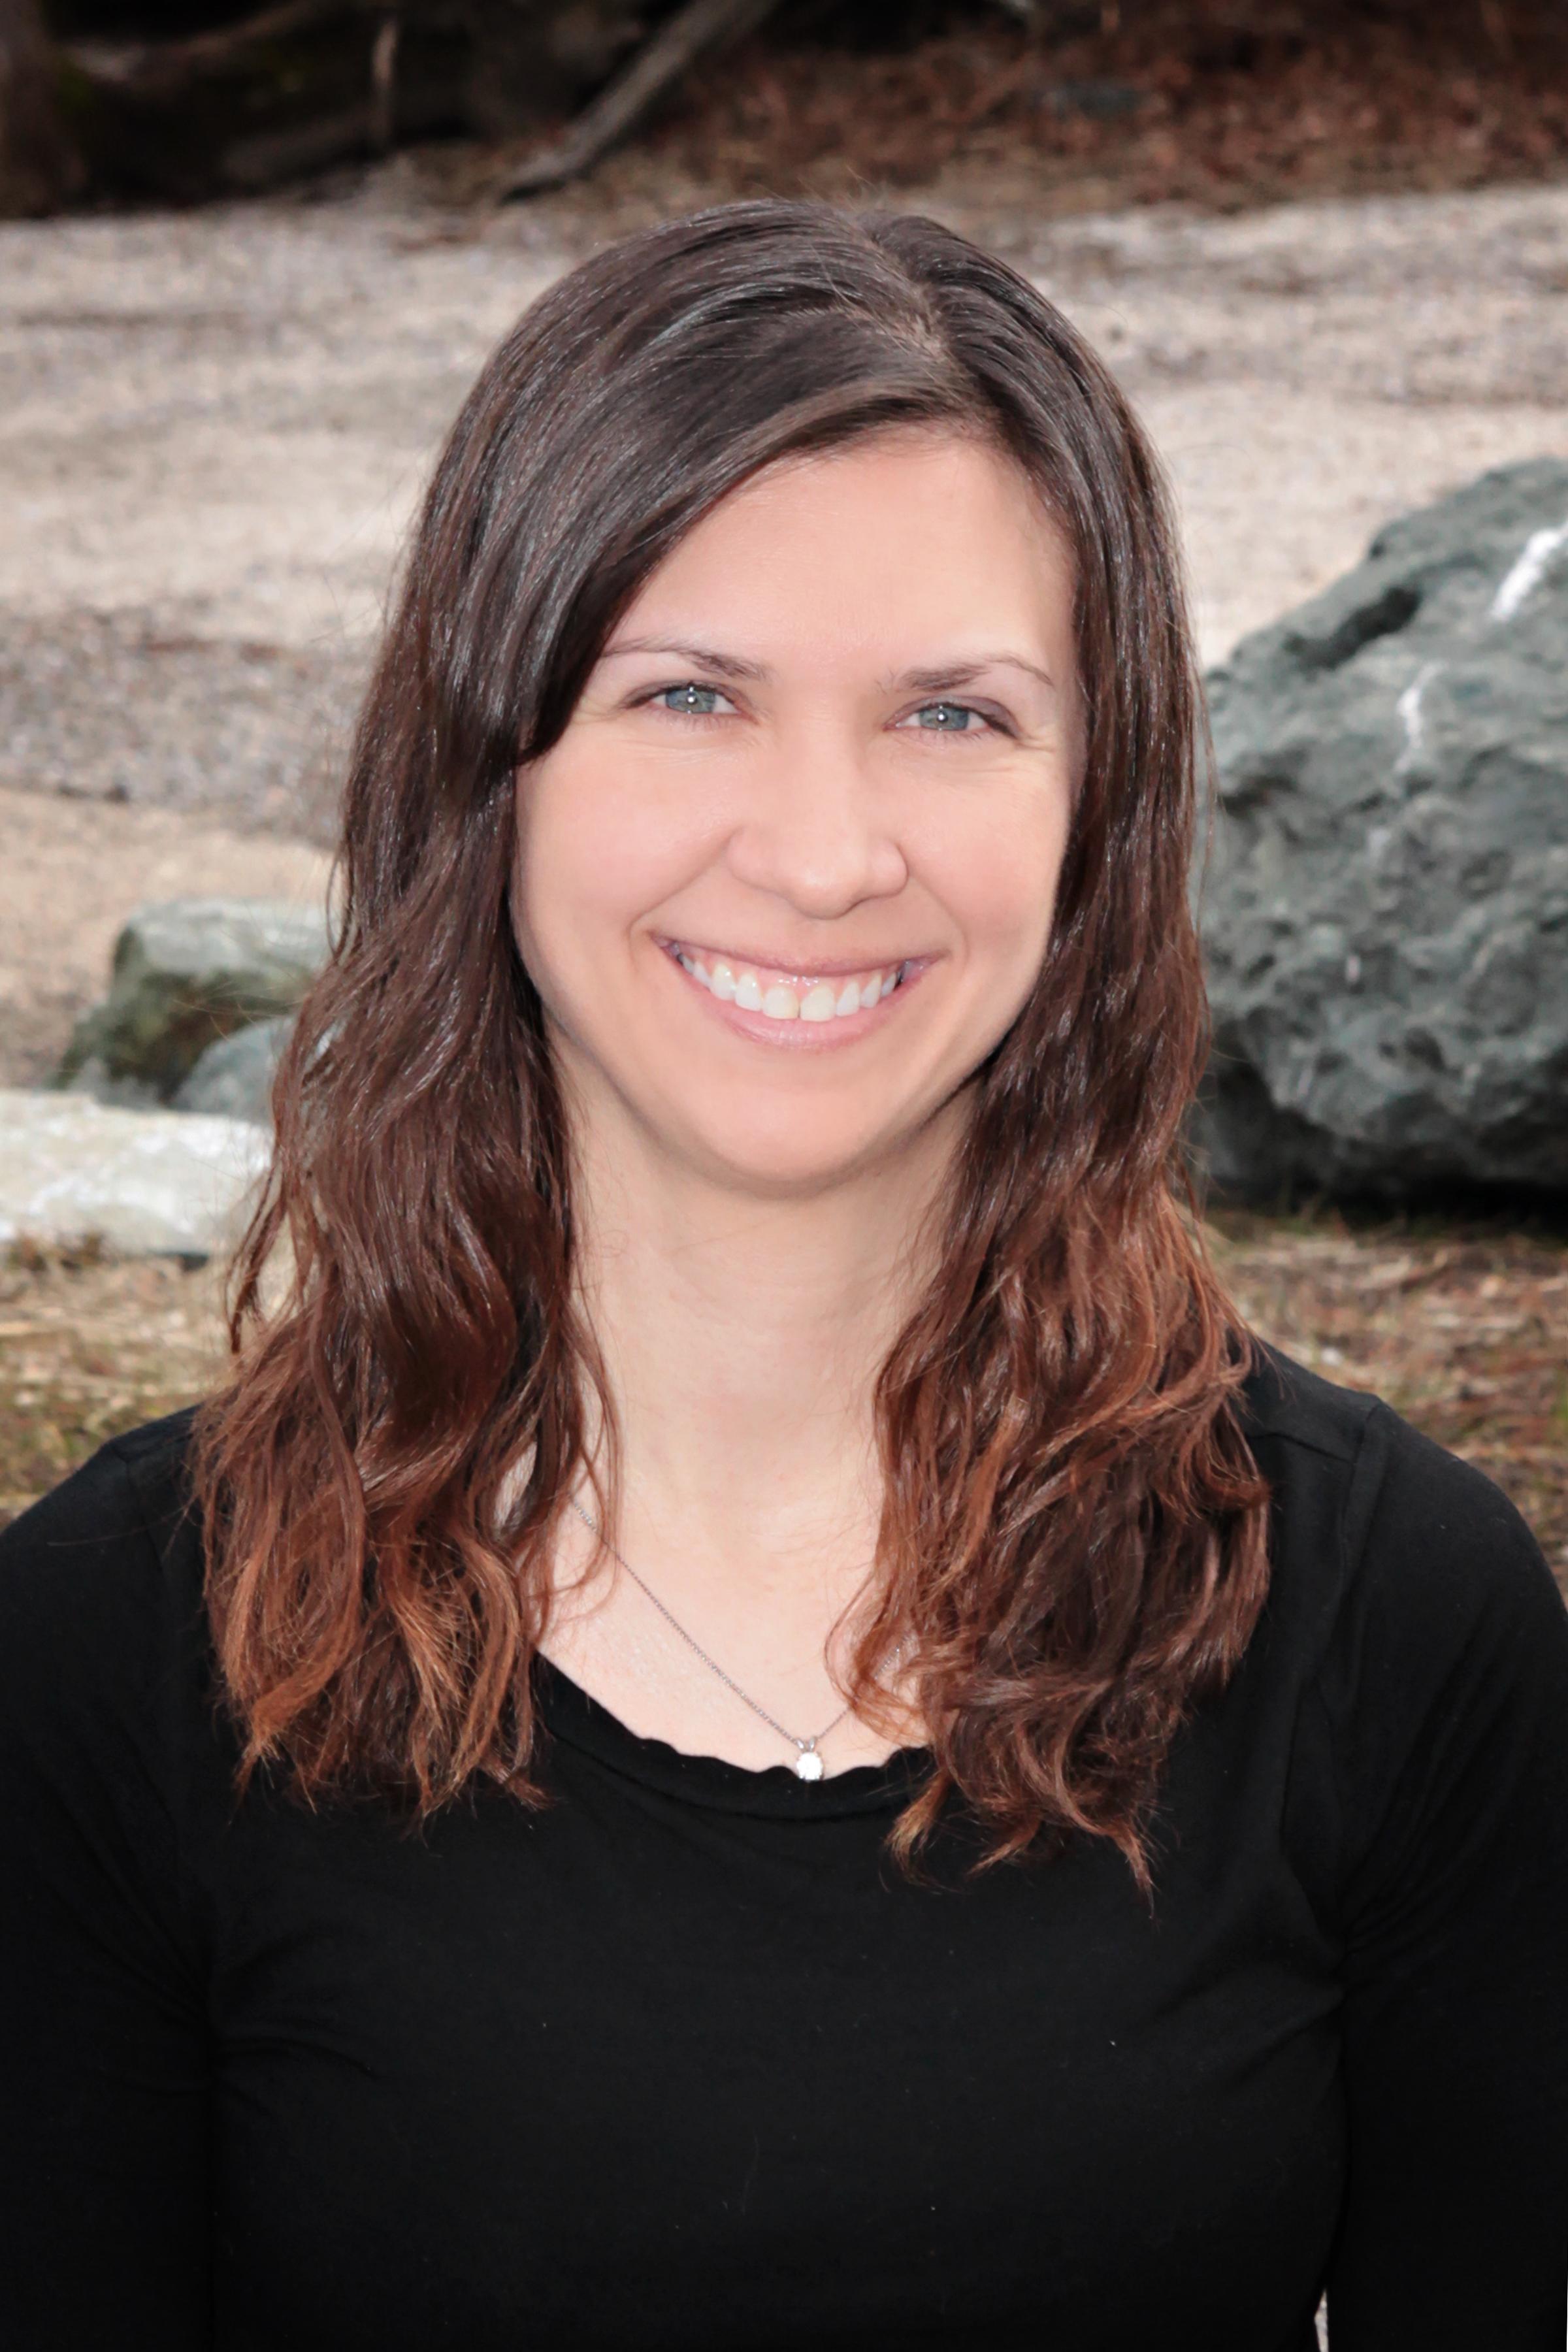 Katrina Schwerdtfeger at the beach wearing a black shirt